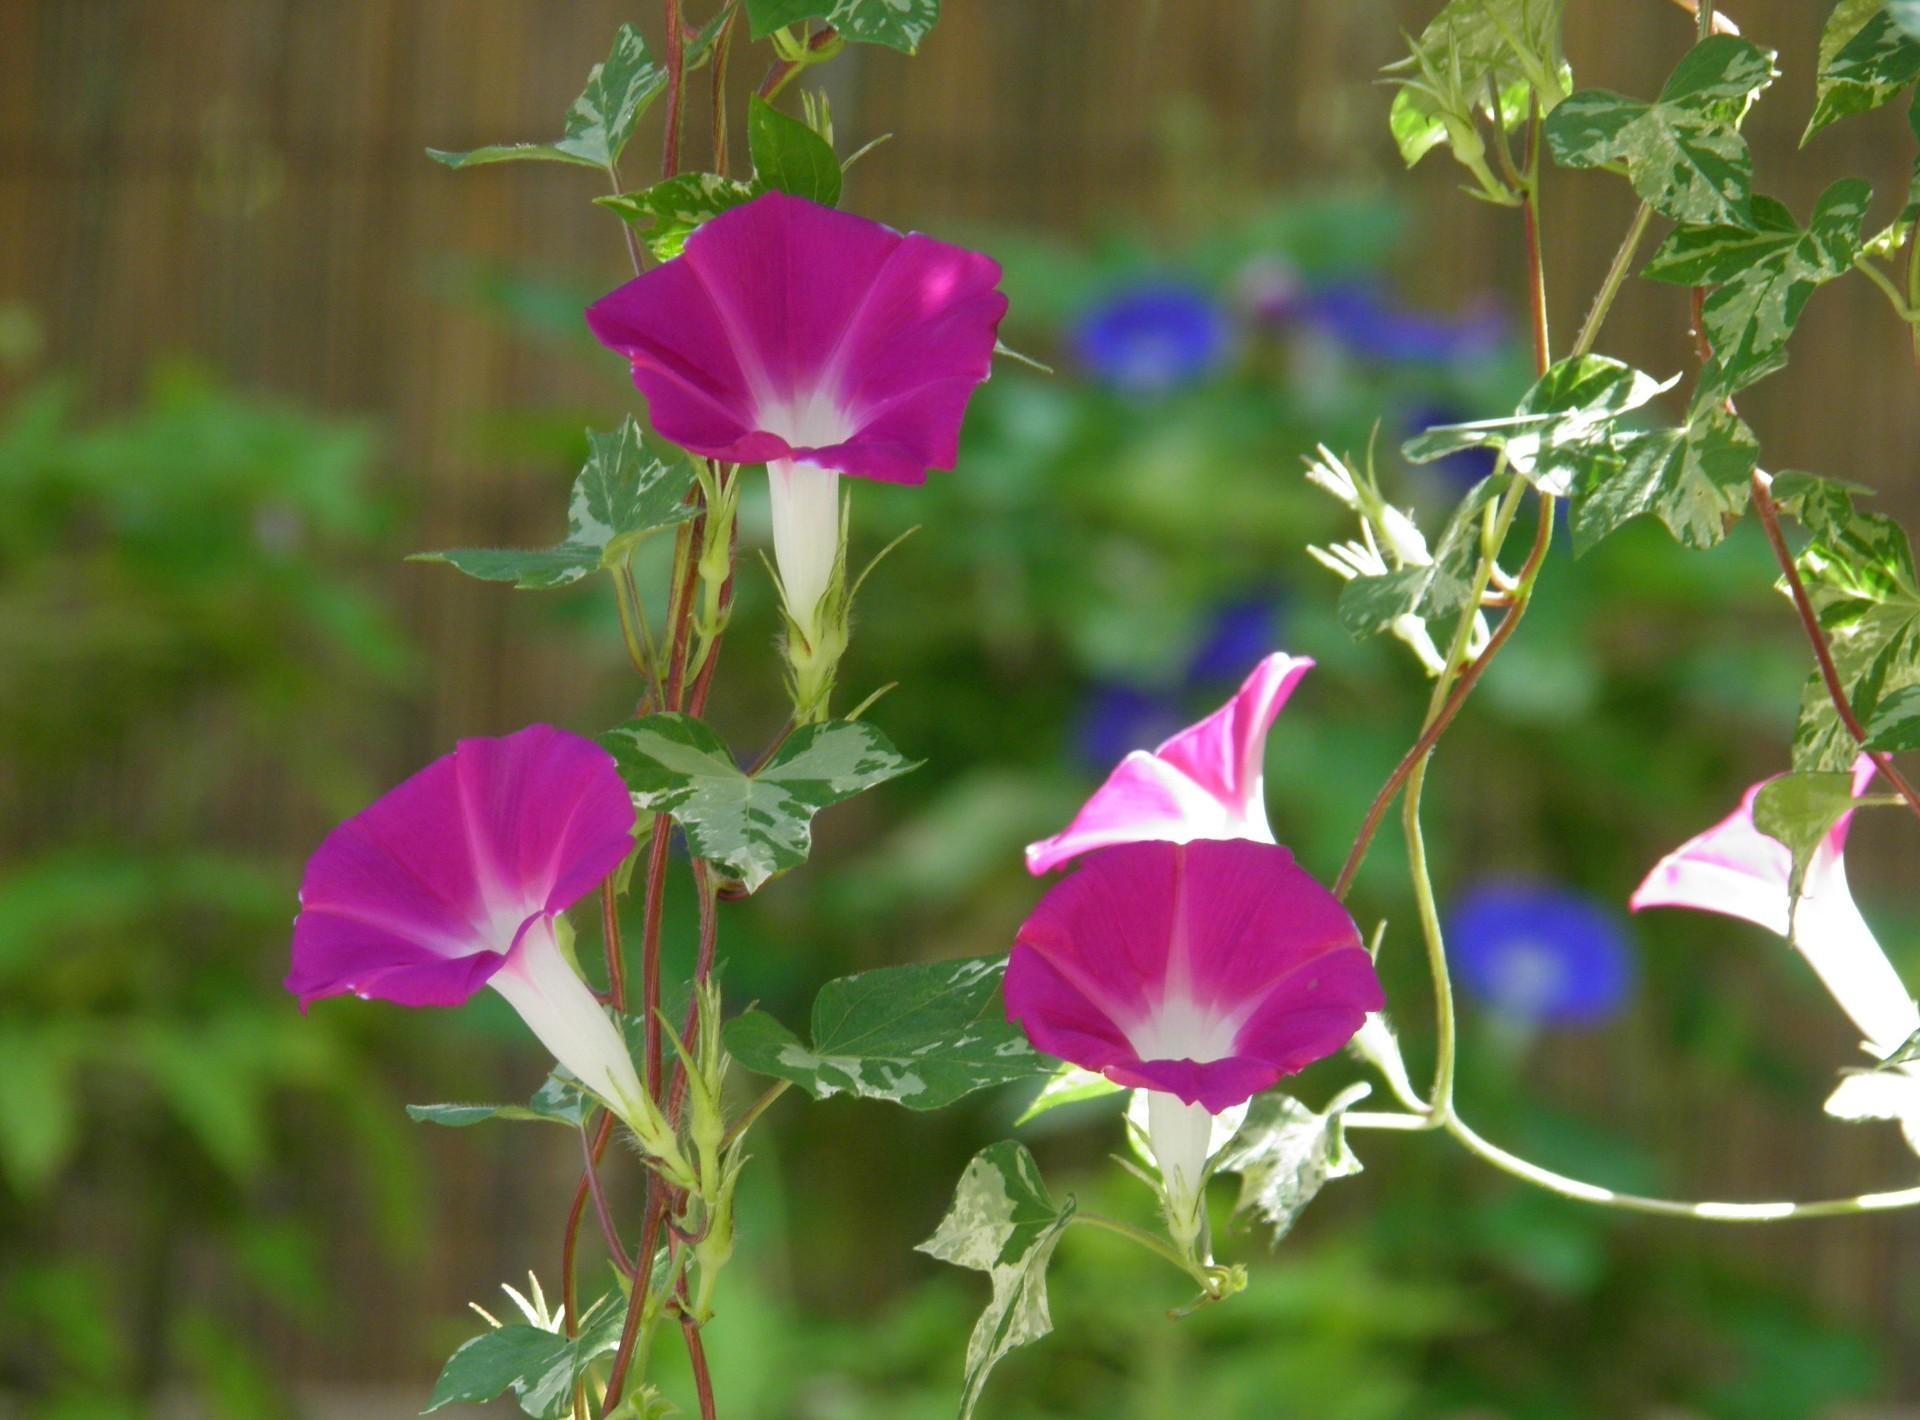 90533 Hintergrundbild herunterladen Blumen, Bindweed, Unschärfe, Glatt, Grüne, Grünen, Winde, Ipme - Bildschirmschoner und Bilder kostenlos